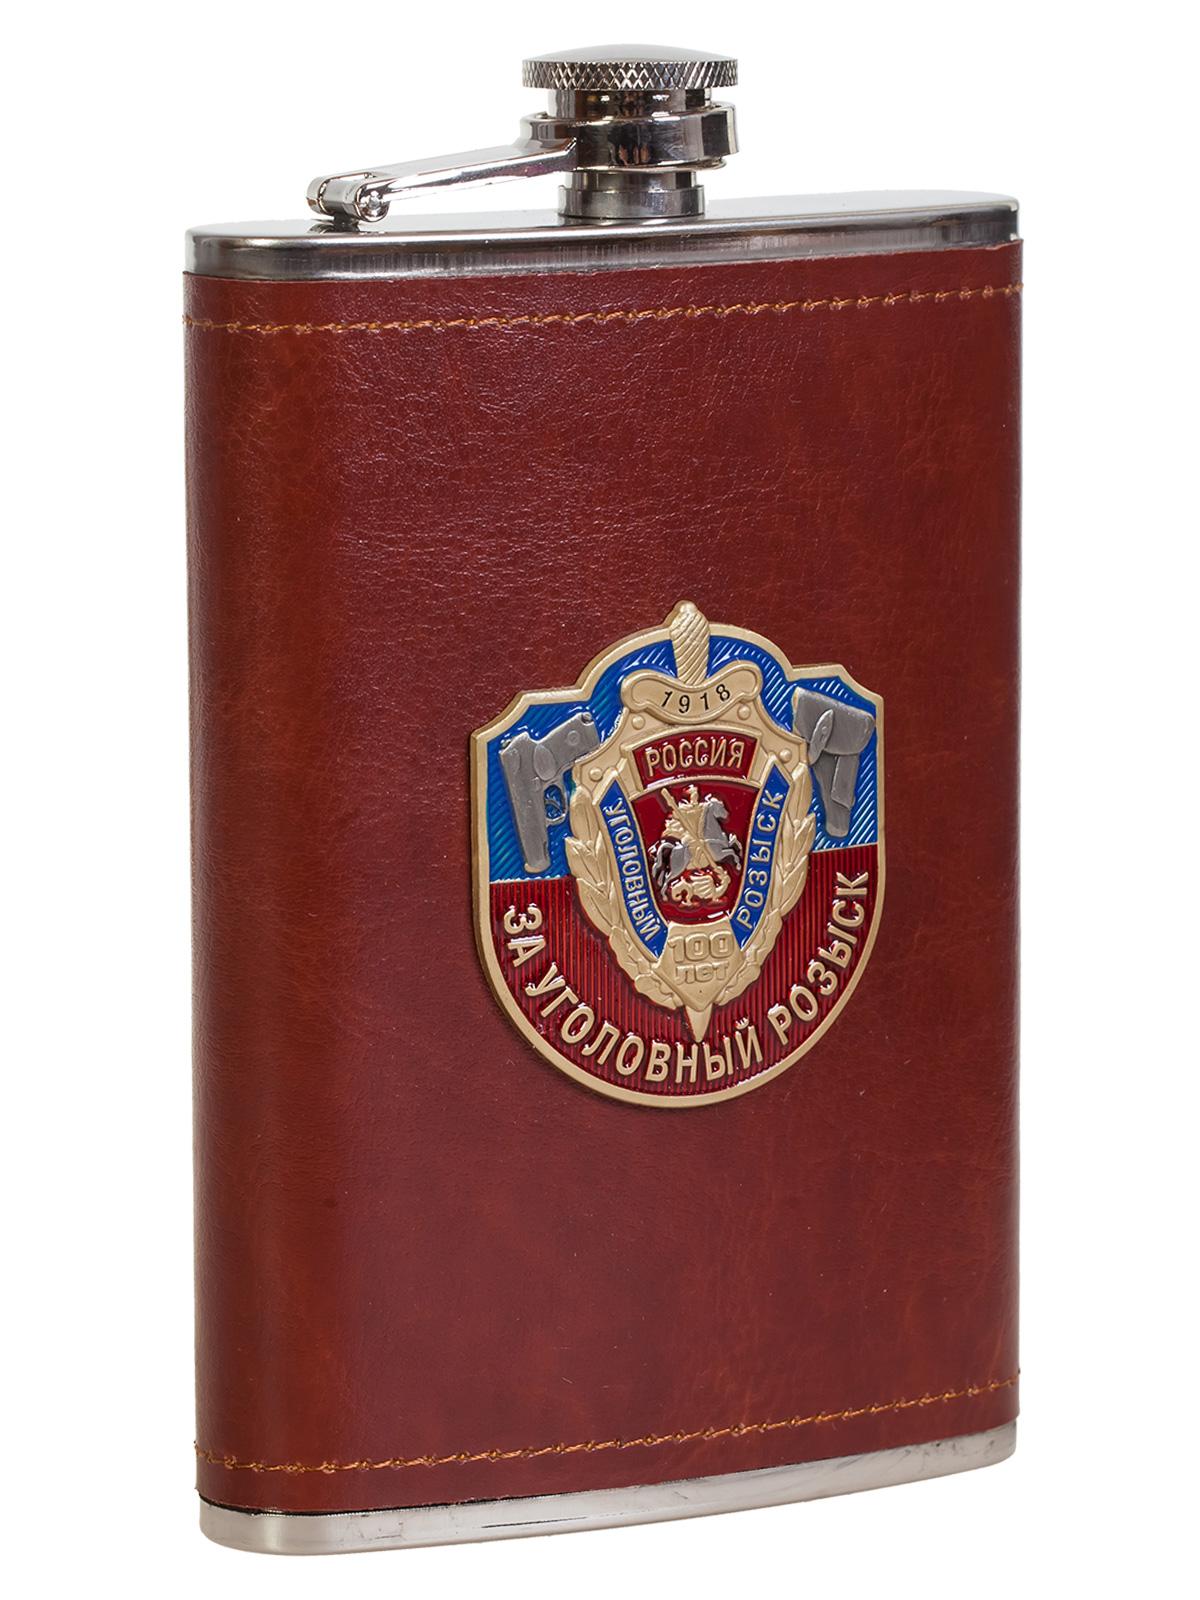 Купить карманную фляжку в кожаном чехле с накладкой За Уголовный Розыск онлайн с доставкой